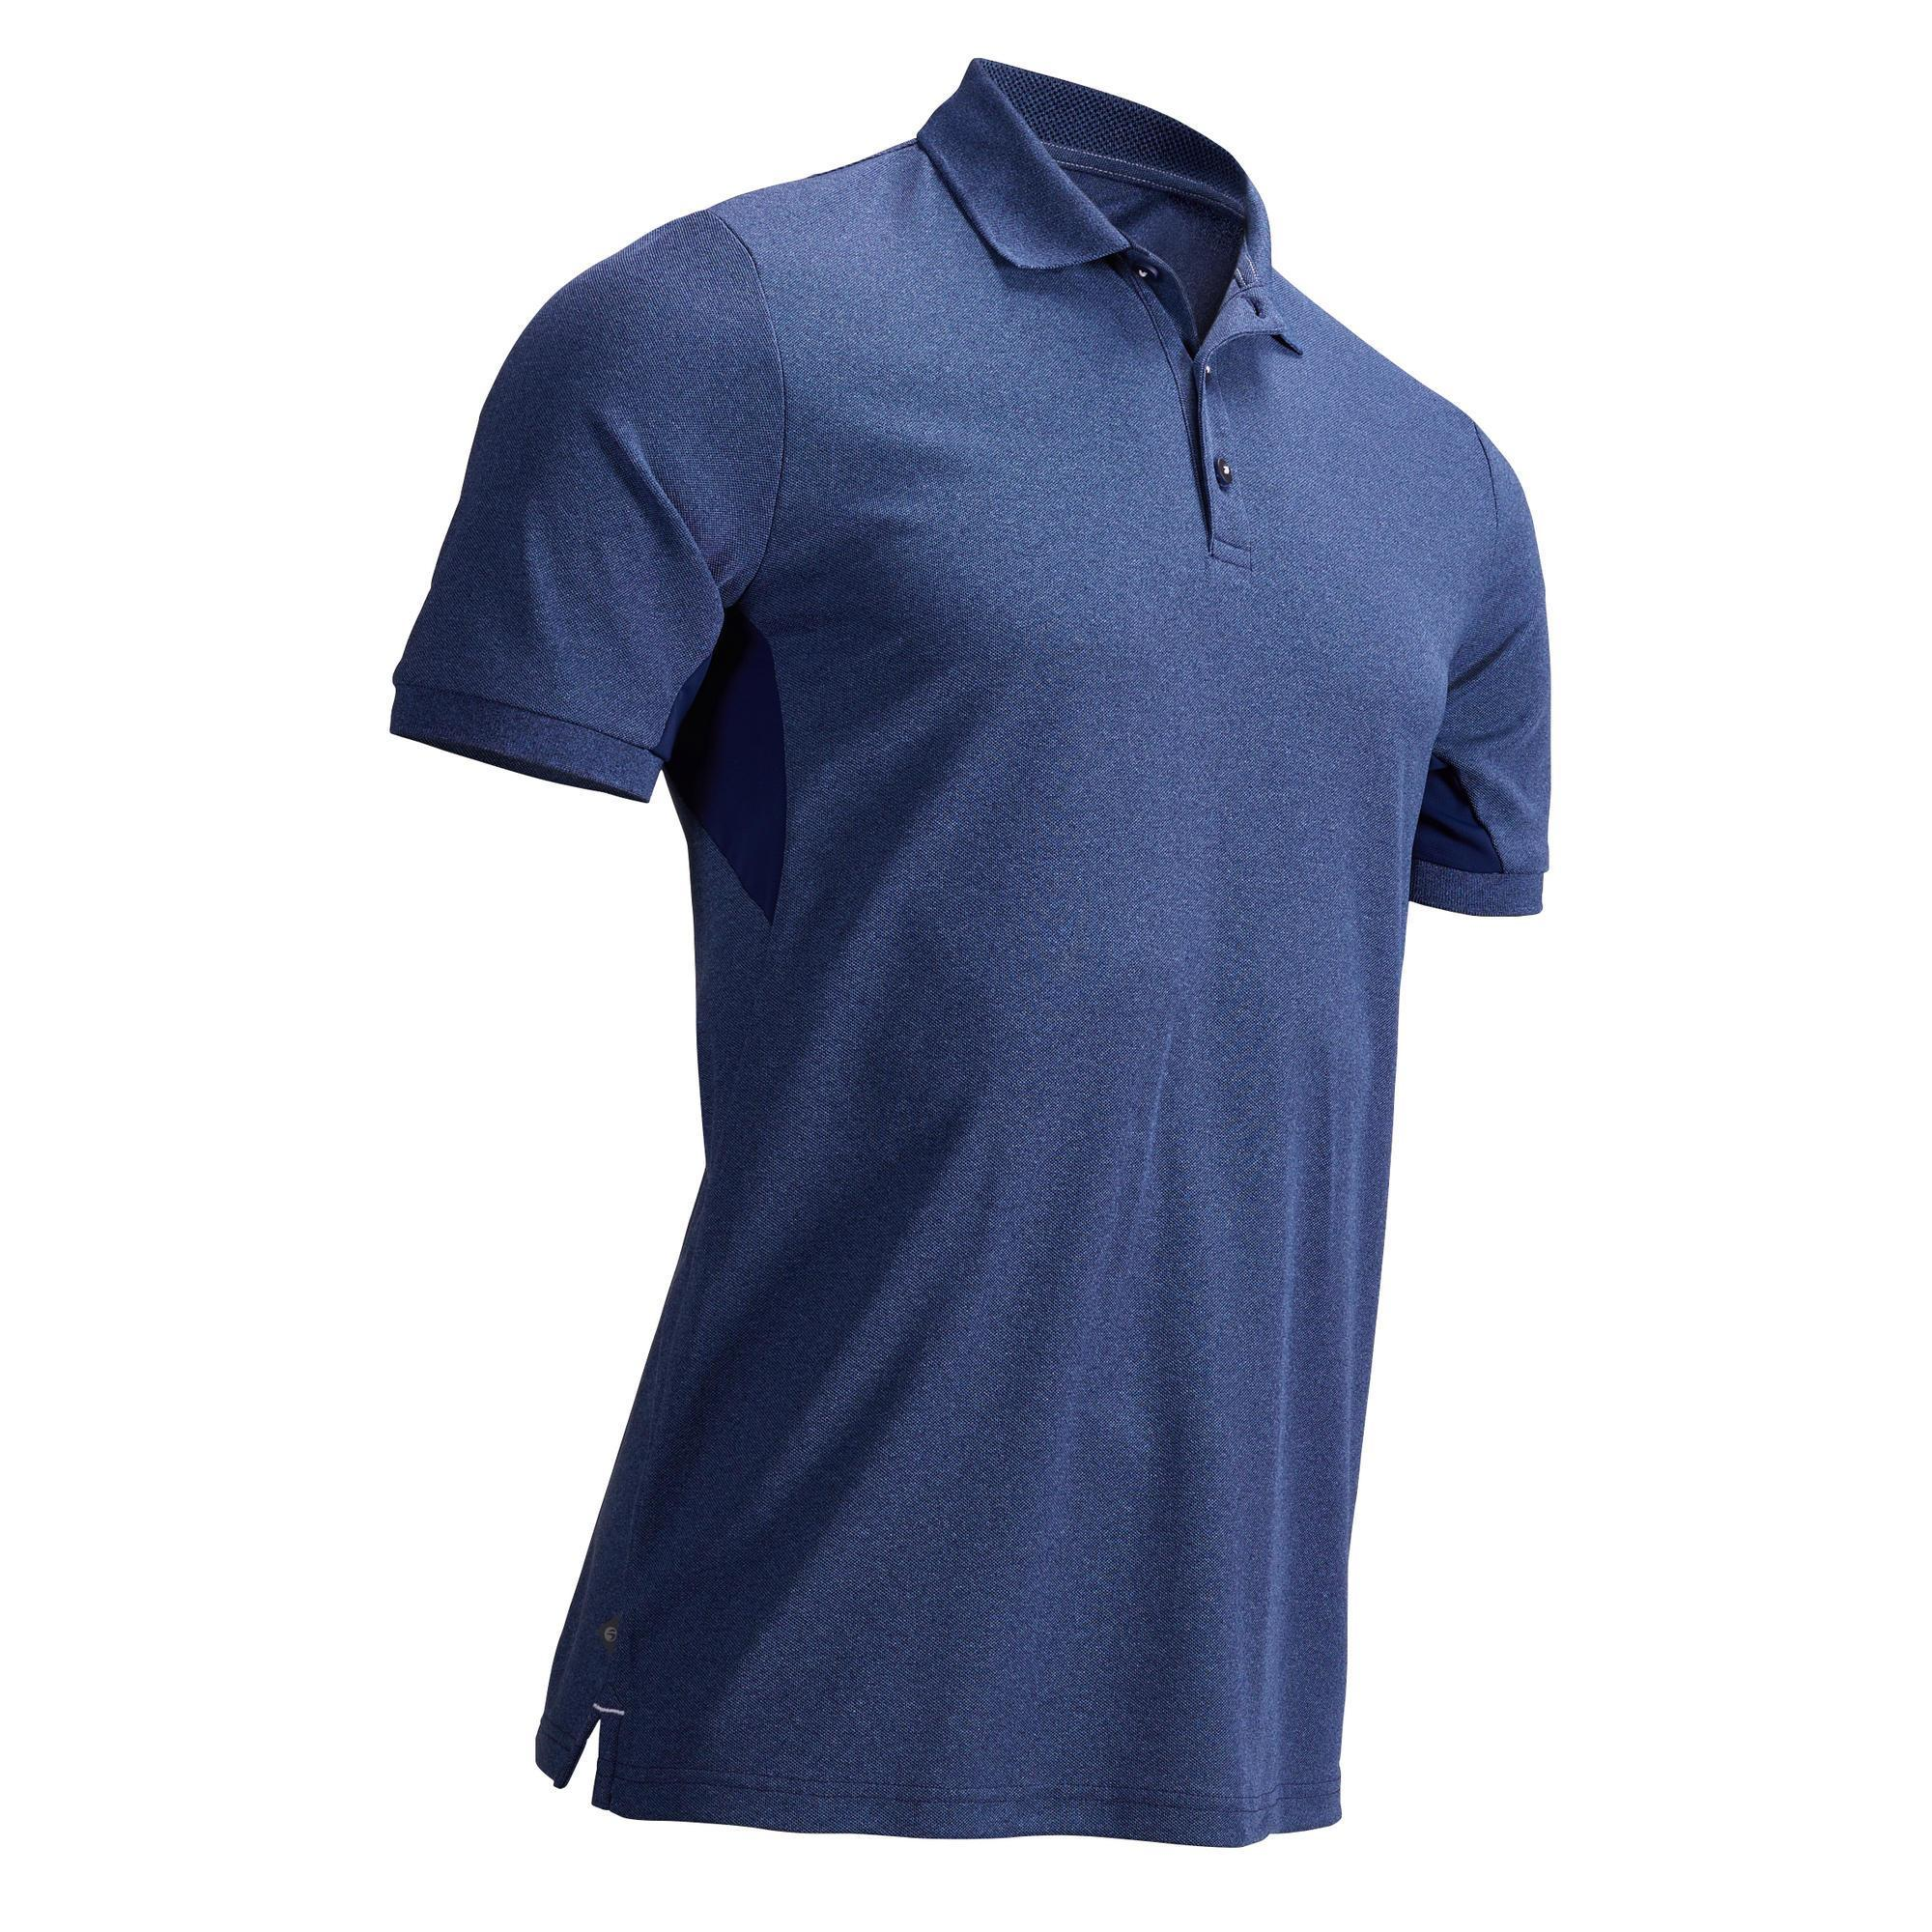 Artikel klicken und genauer betrachten! - Dieses Produkt wurde speziell fürs Golfspiel bei warmem Wetter entwickelt.   im Online Shop kaufen